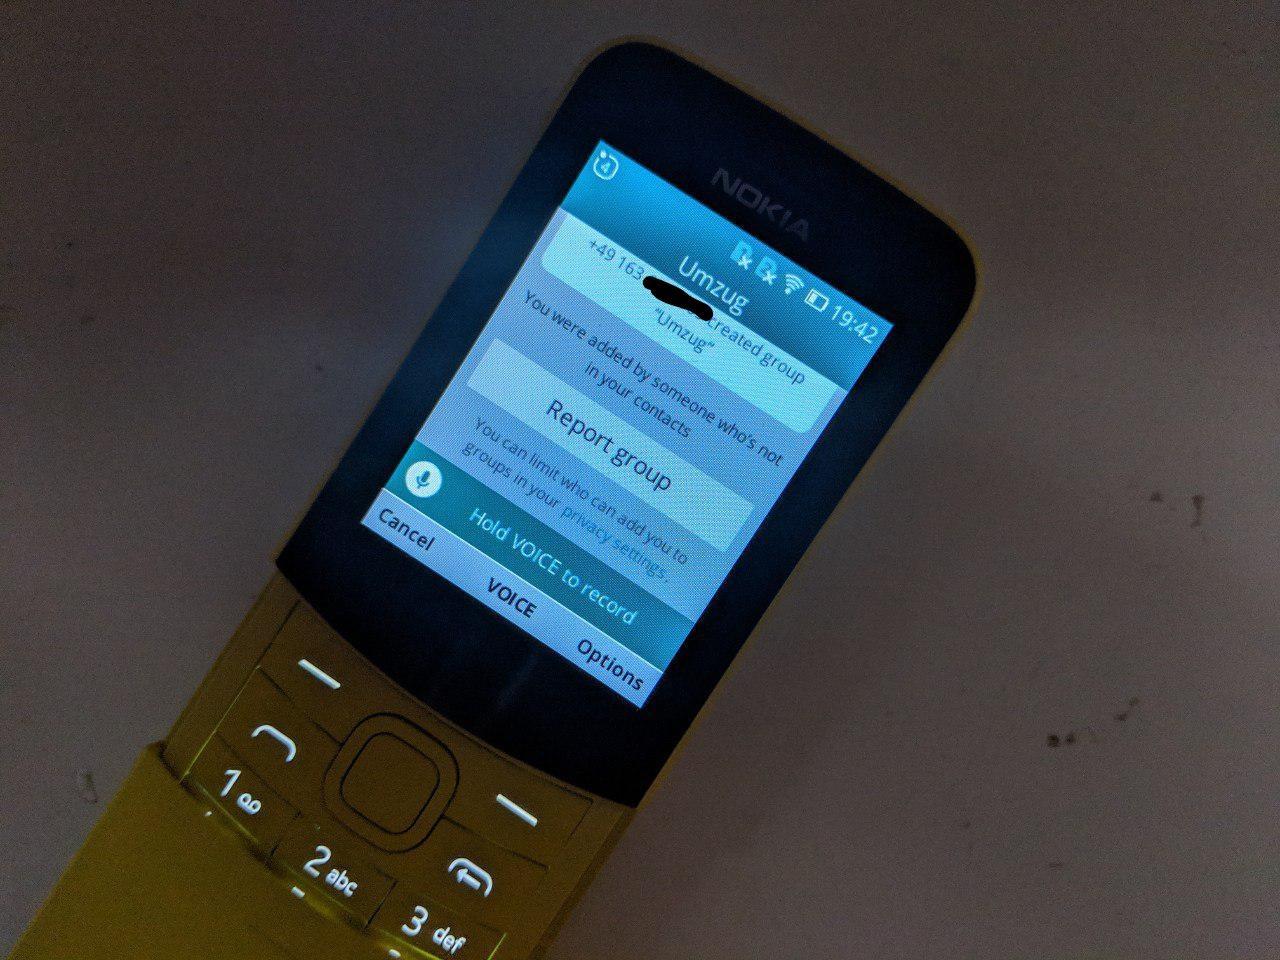 Nokia 8110 Whatsapp KaiOS